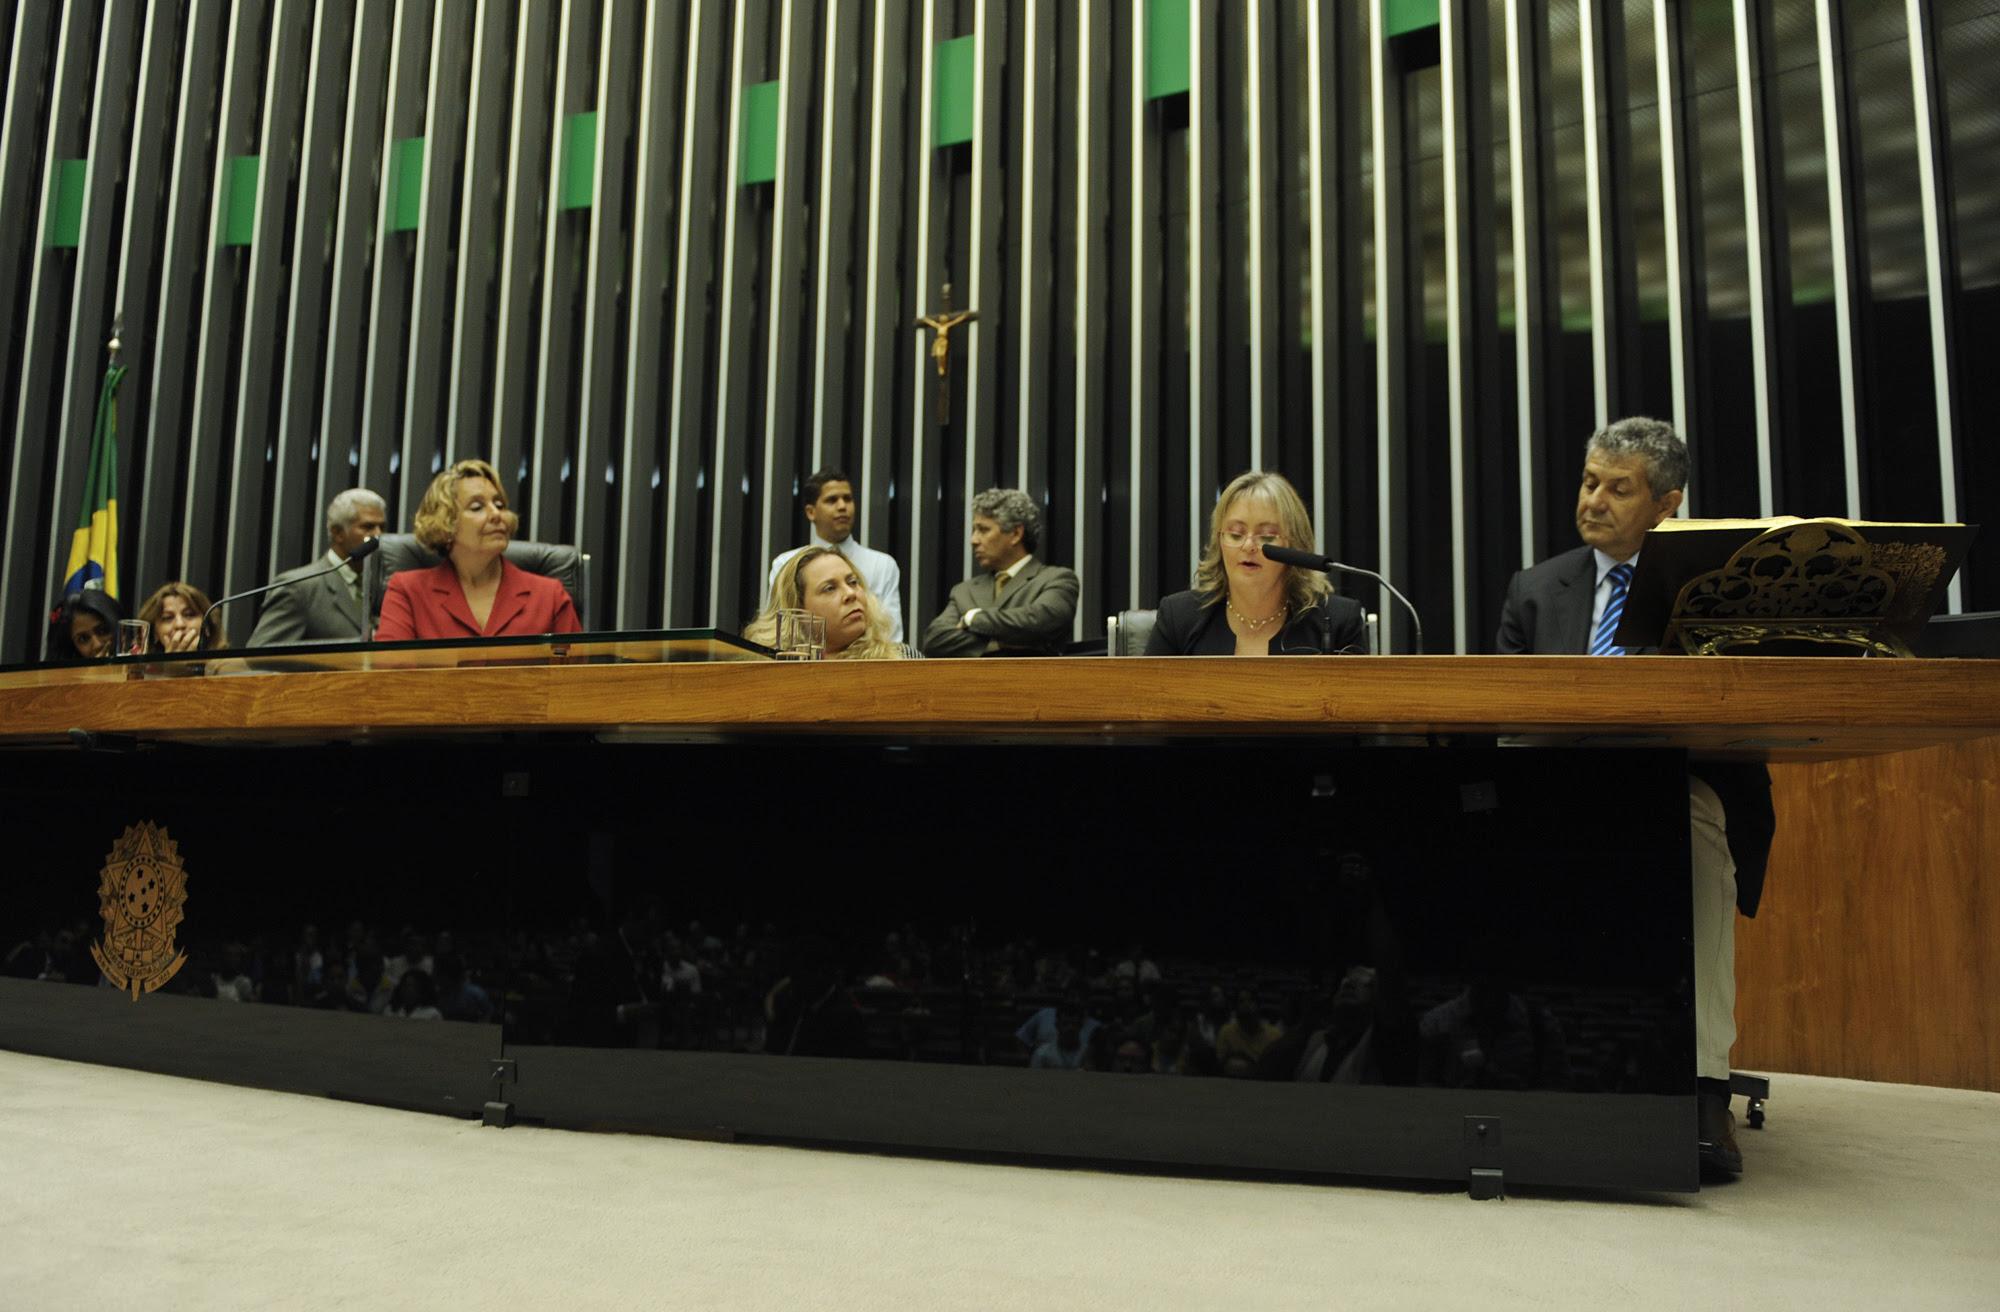 Liane Collares discursa na Mesa da Presidência da Câmara dos Deputados